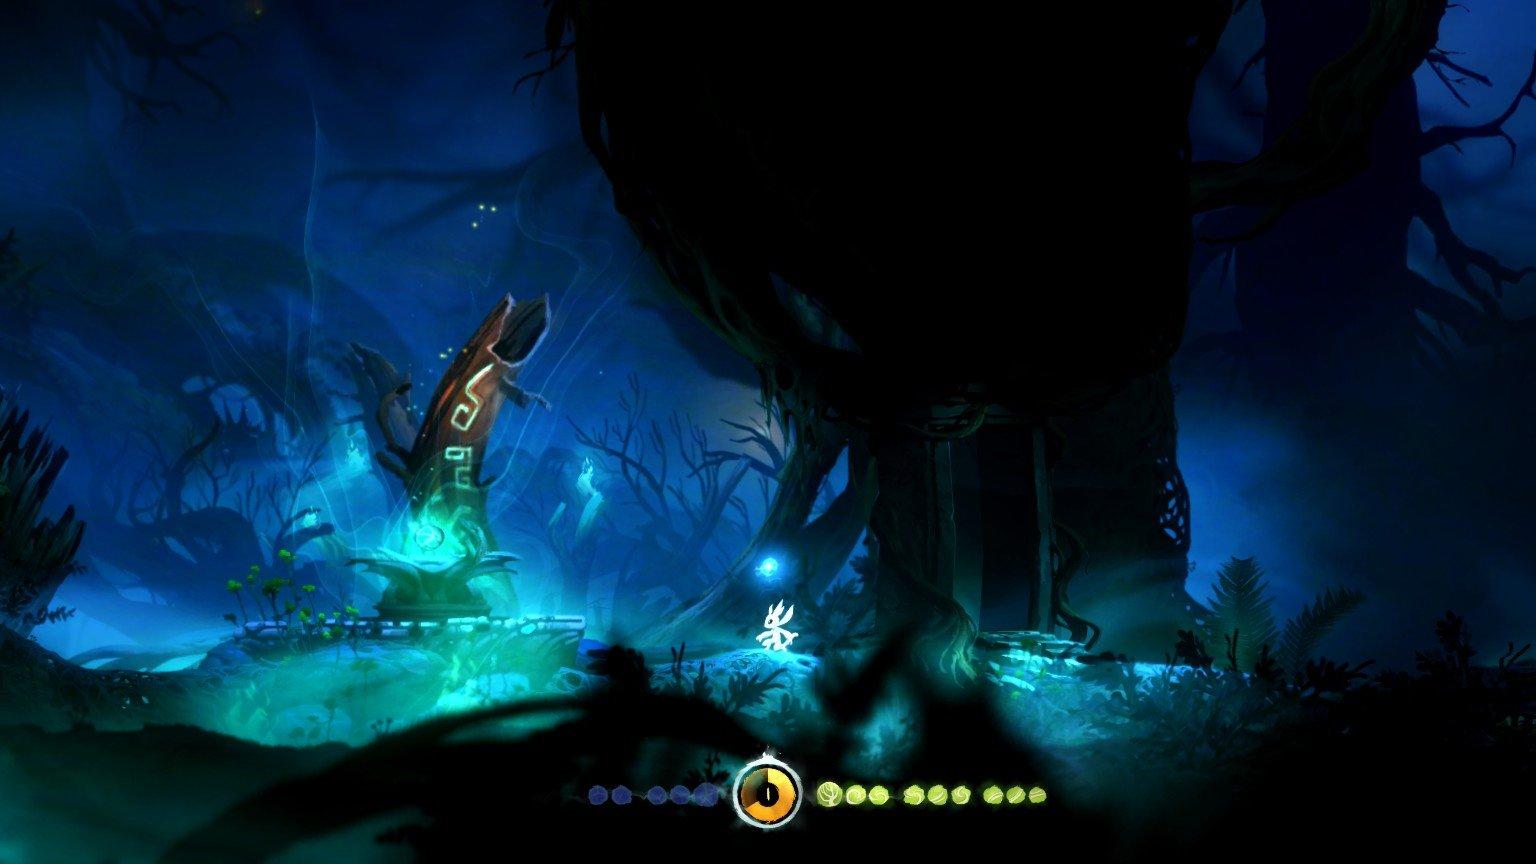 Вопль-прохождение Ori and the Blind Forest ... и тут получилось дофига скриншотов... - Изображение 22